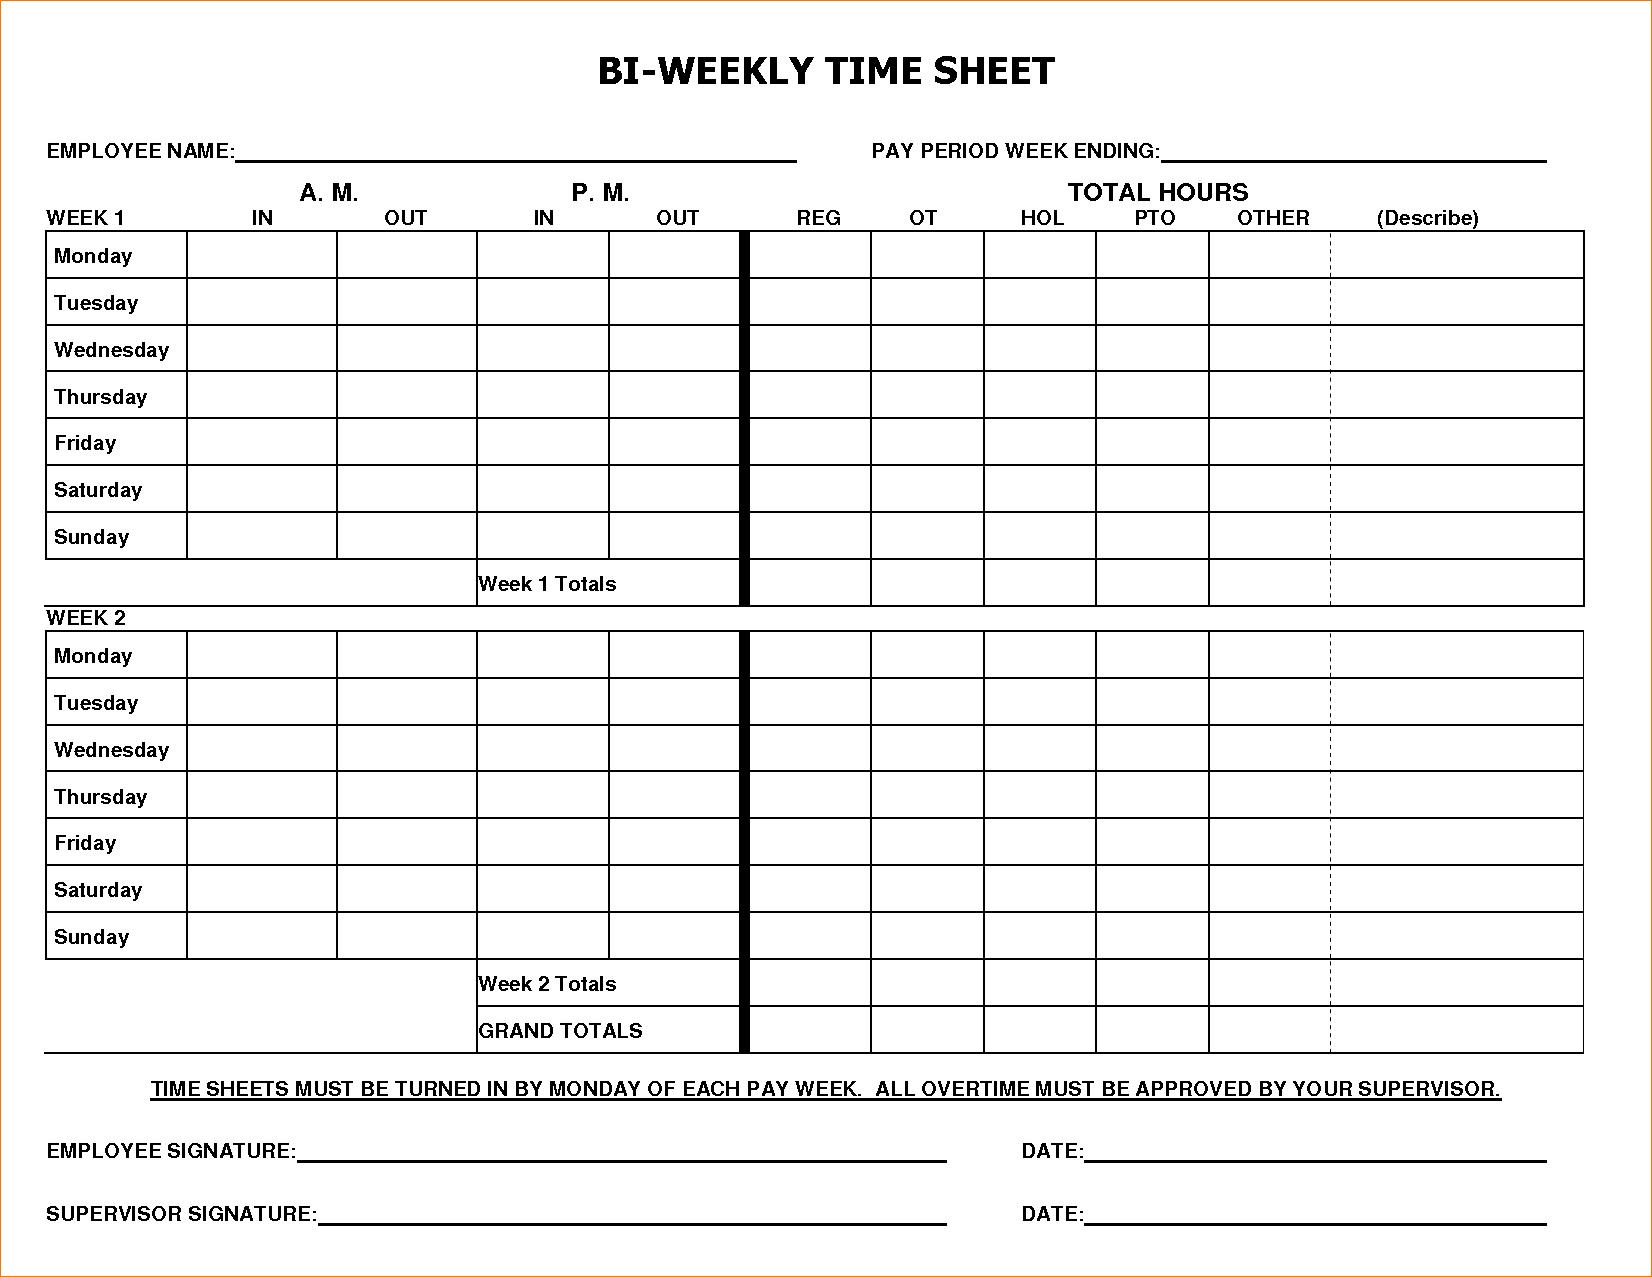 Weekly Timesheet Spreadsheet Regarding Times Sheet Template And 8 Bi Weekly Timesheet Template Timeline